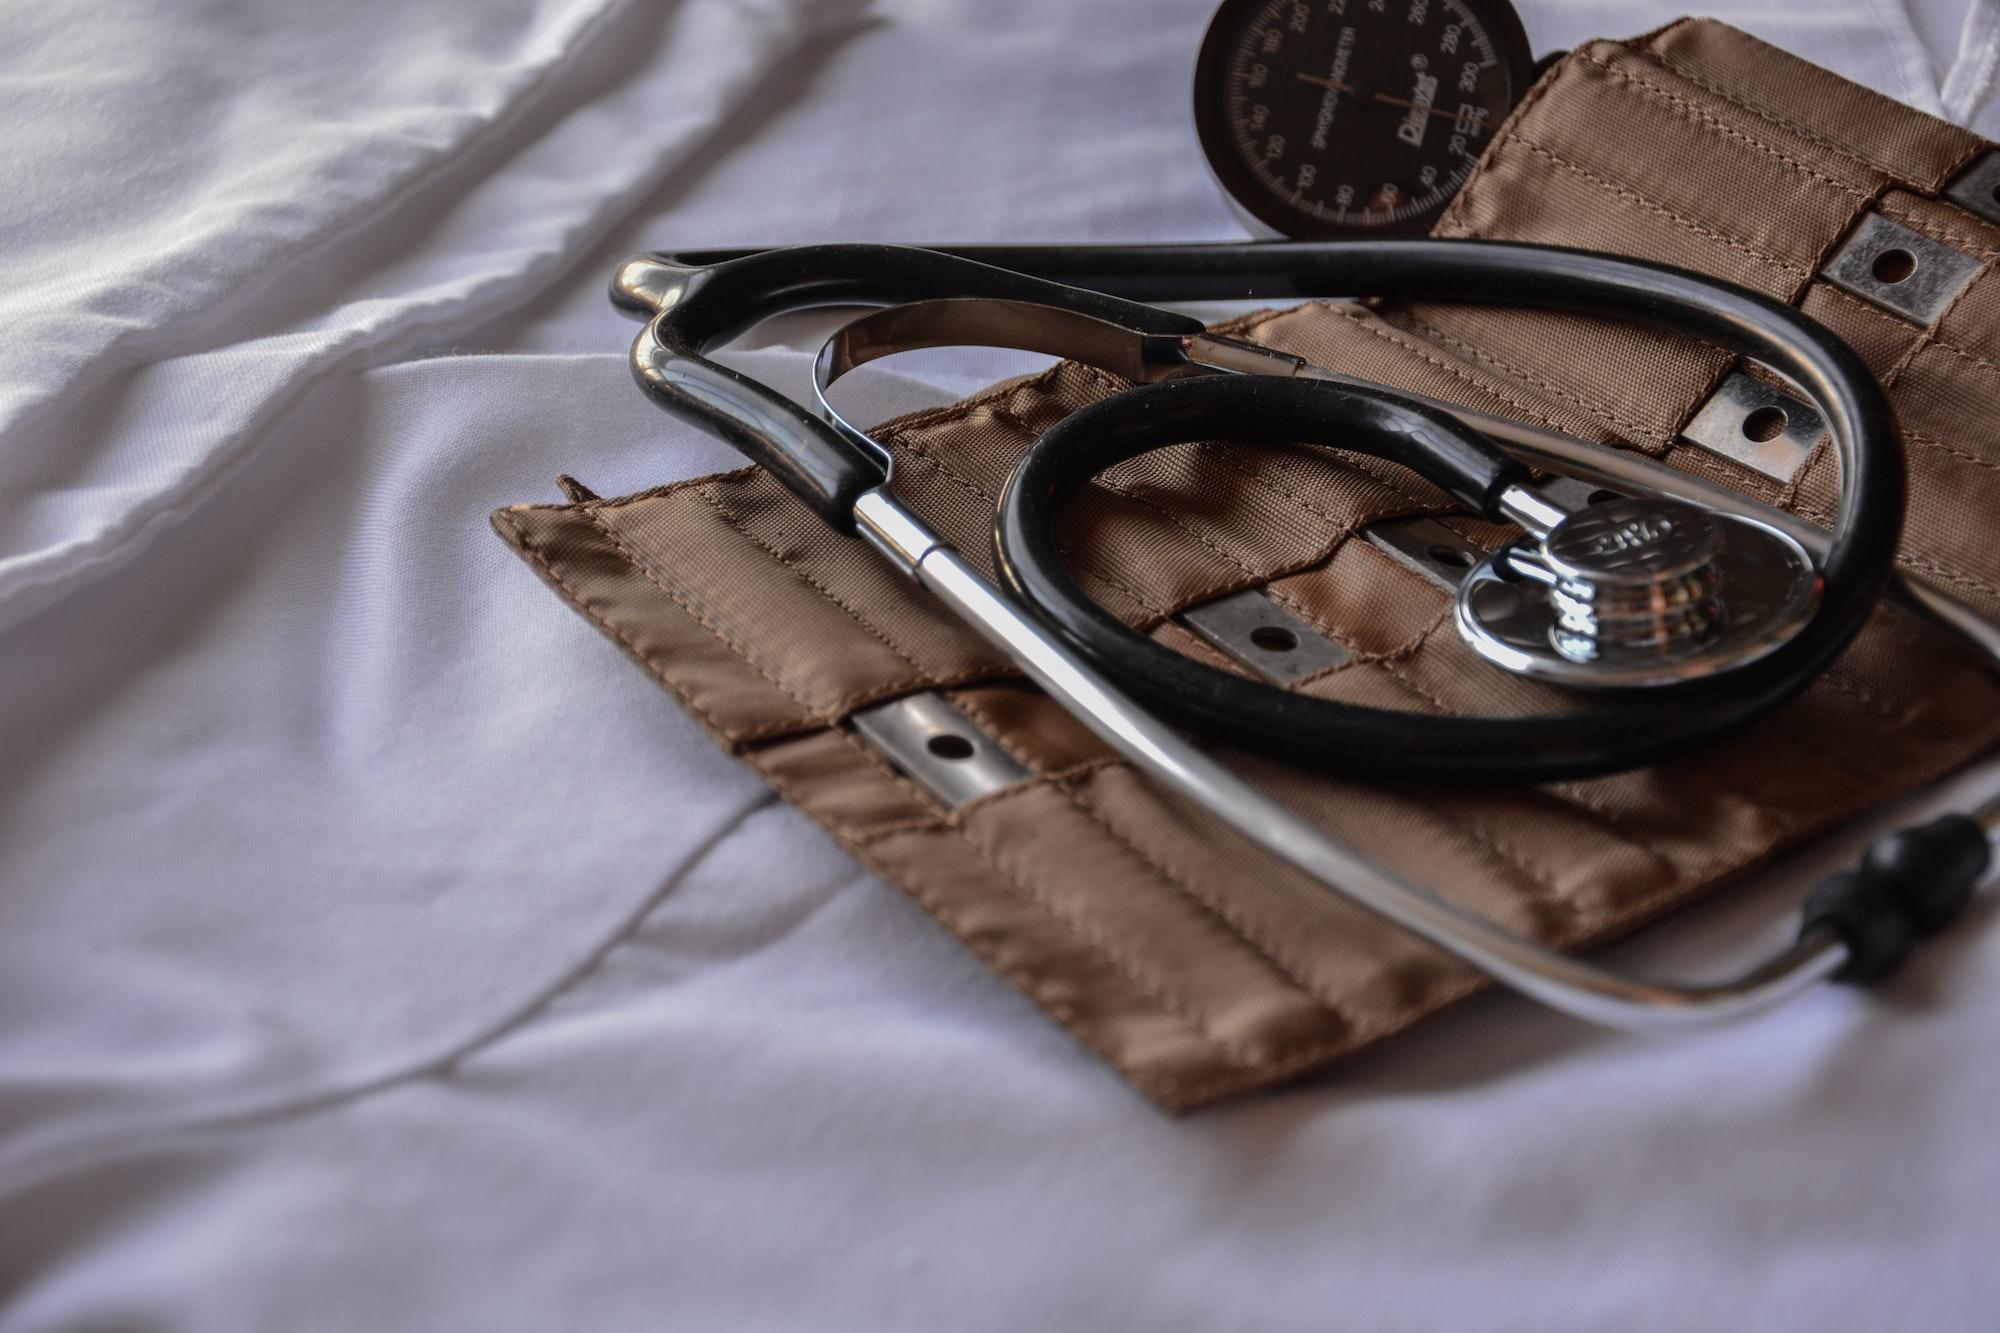 Quale simbolo per la laurea in medicina mettere nelle bomboniere?